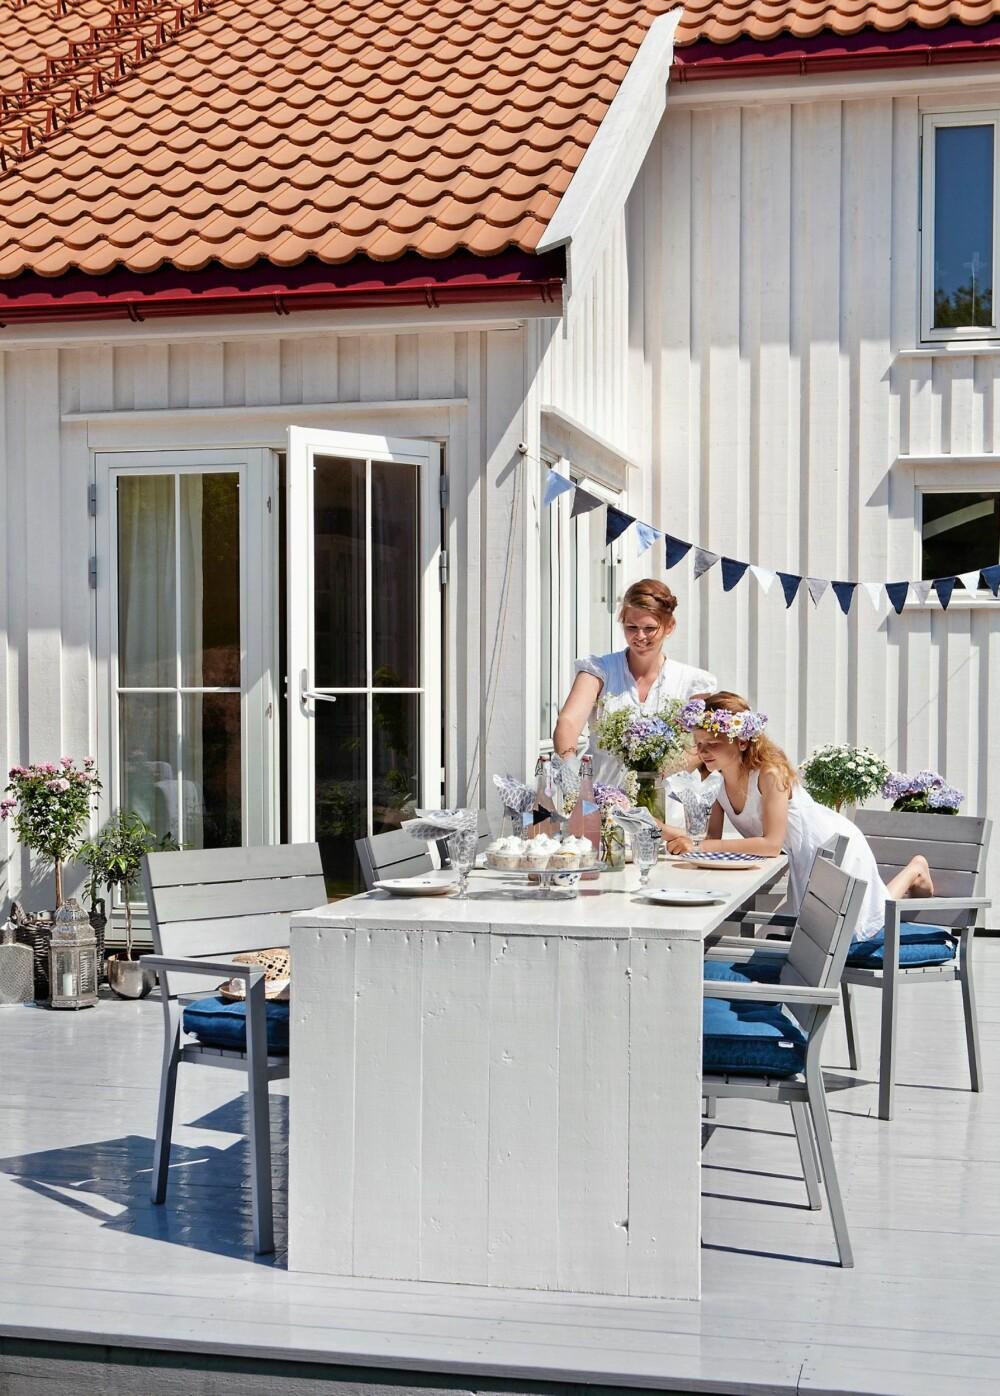 DEKKET TIL FEST: Hanne Mette Huseby elsker å pynte opp ute så vel som inne. Egenlagde vimpler gjør hverdagen til fest i en fei.